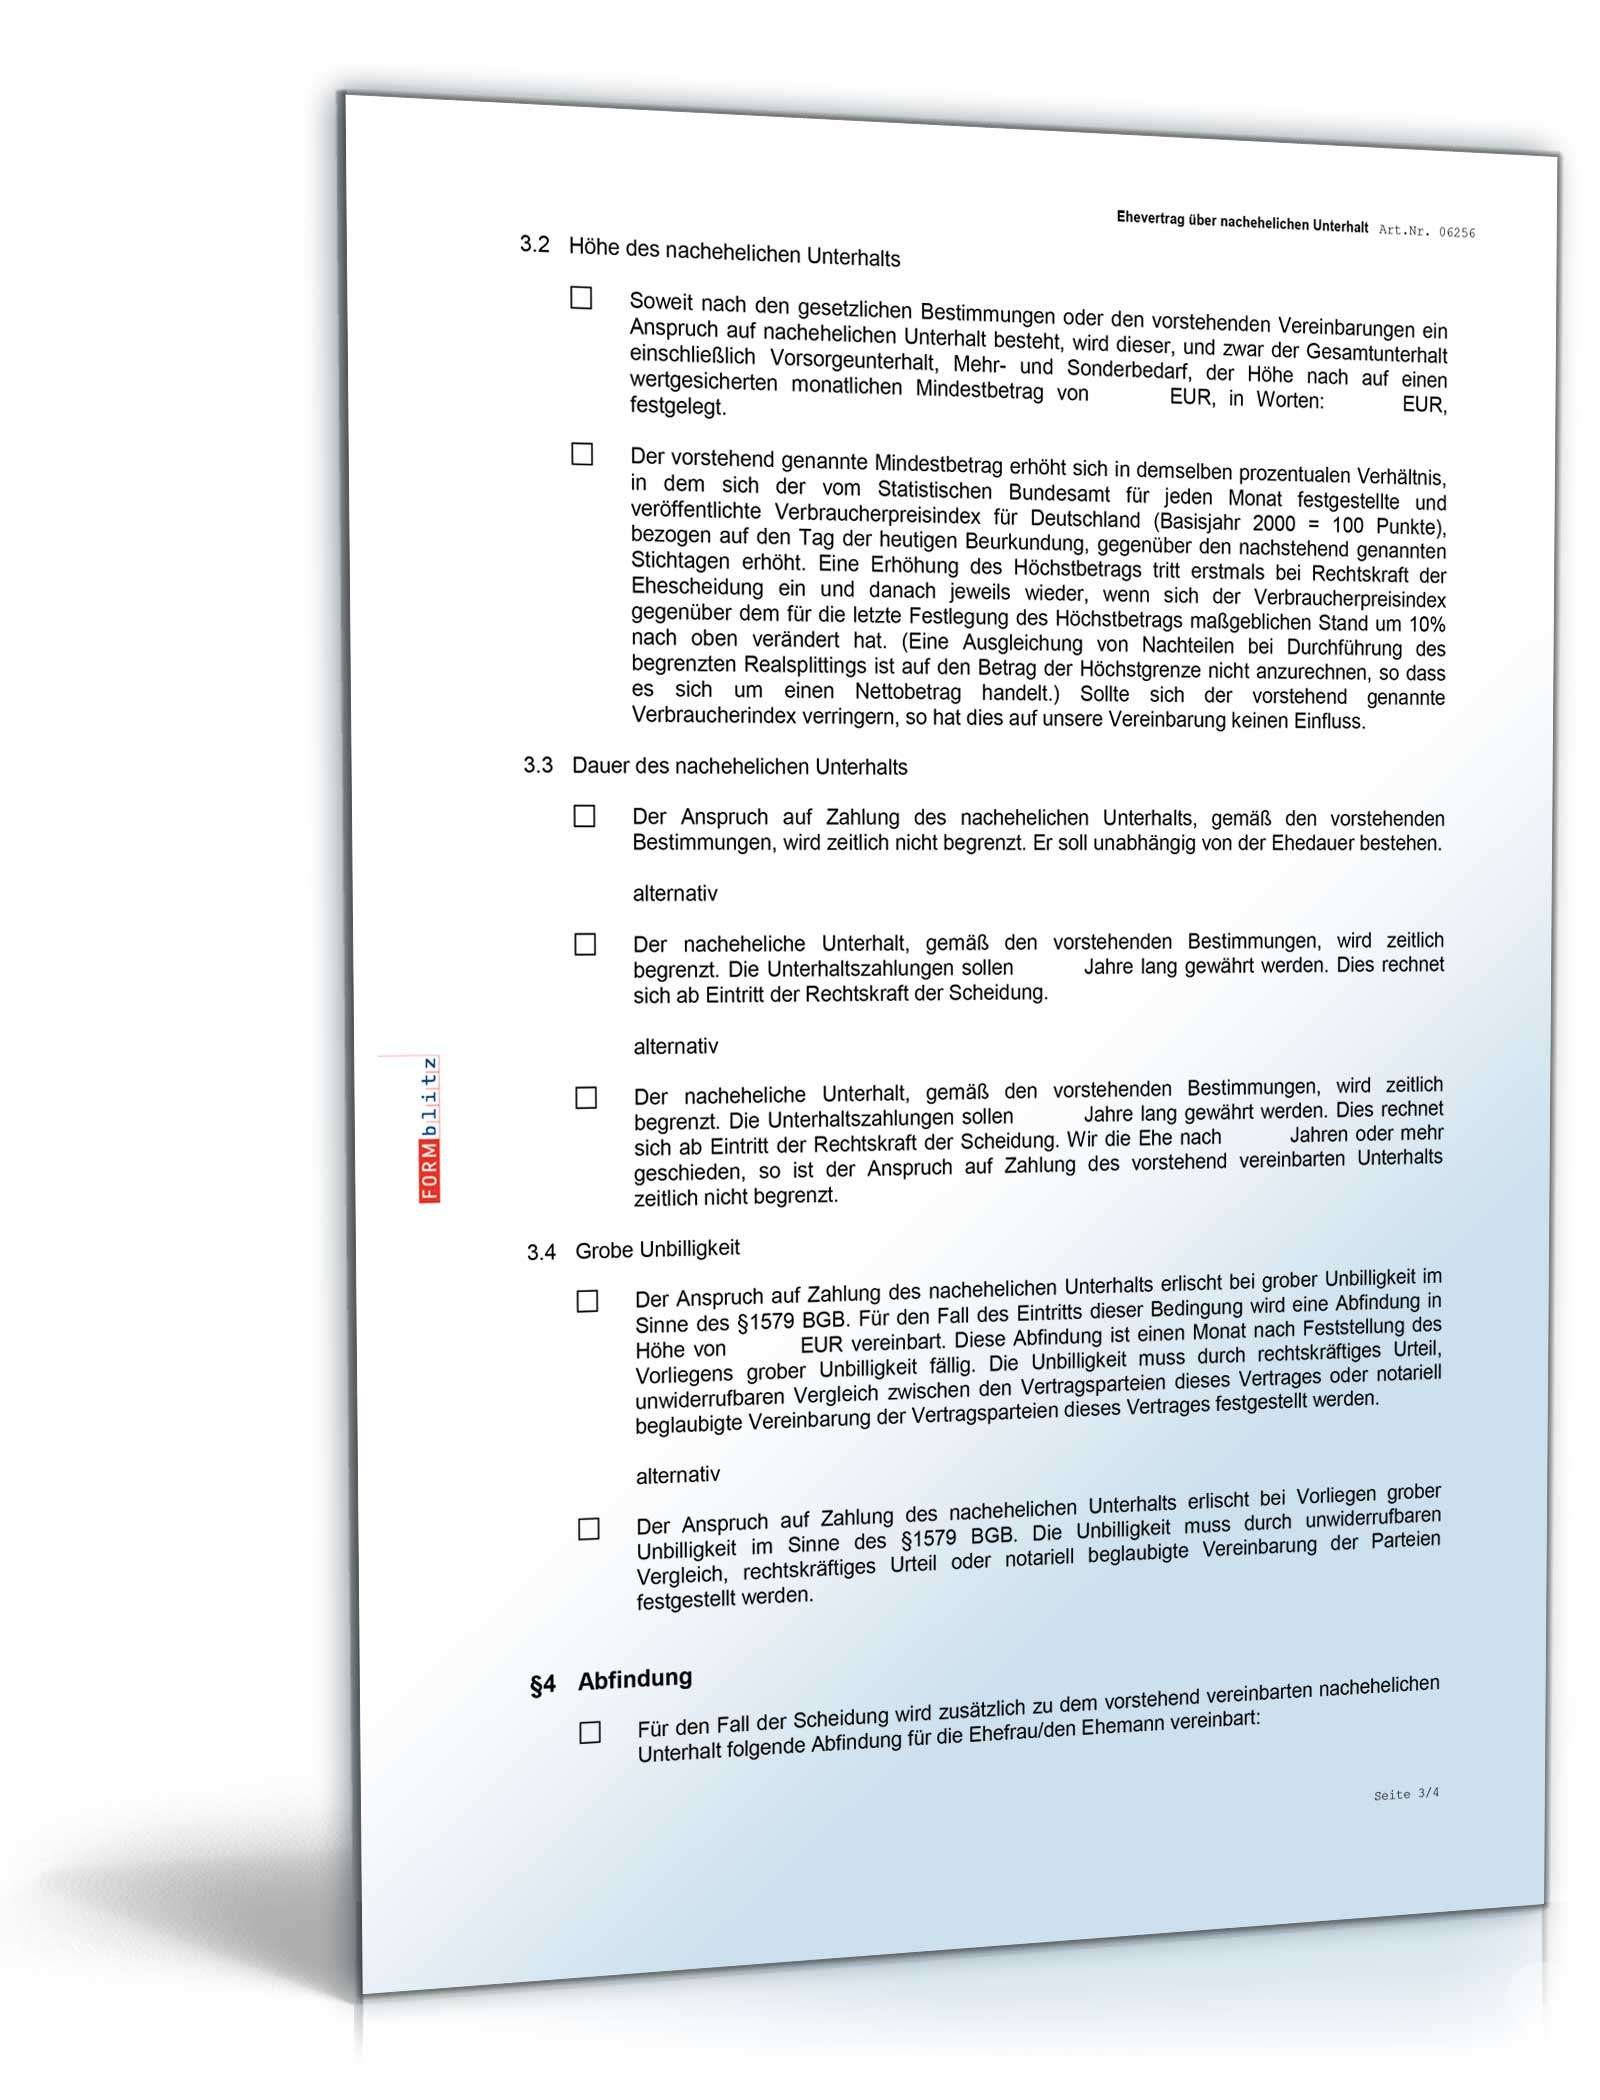 Großartig Vereinbarung Vorlage Zu Bezahlen Galerie - Entry Level ...